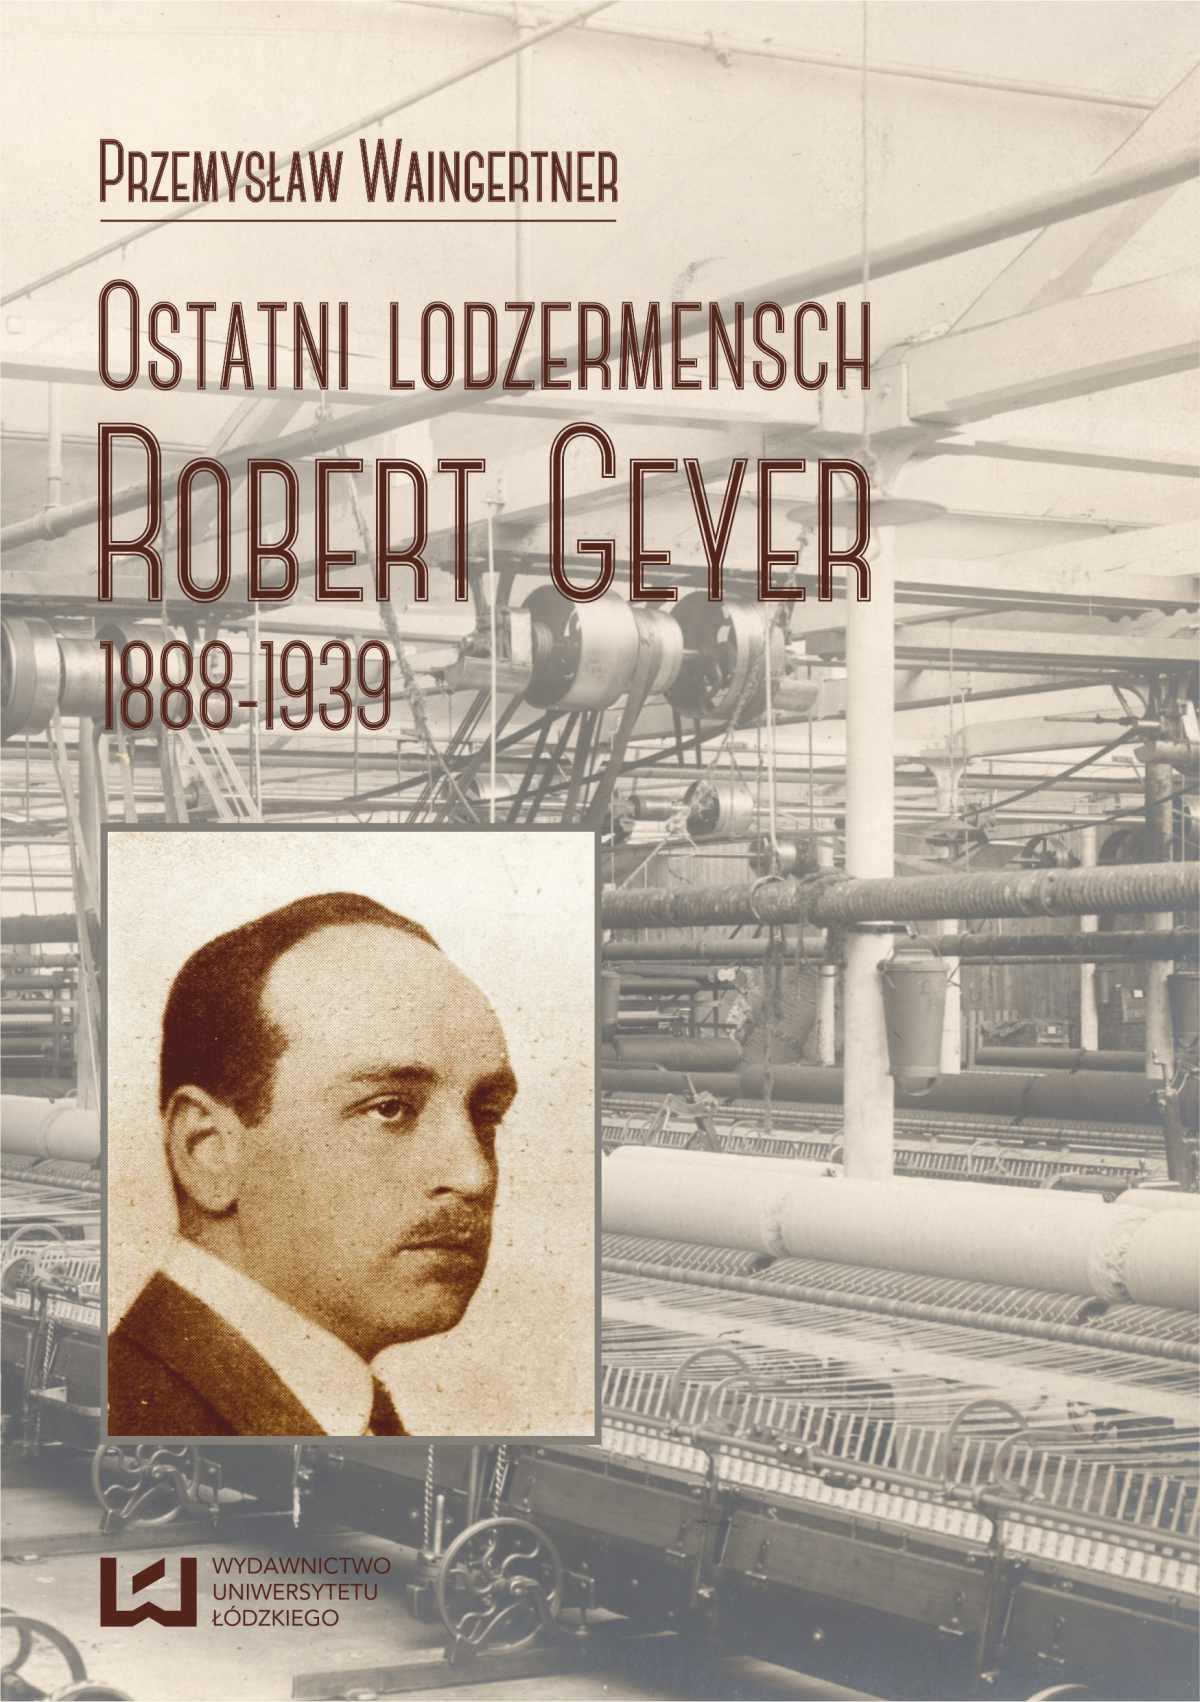 Ostatni lodzermensch. Robert Geyer 1888-1939 - Ebook (Książka na Kindle) do pobrania w formacie MOBI